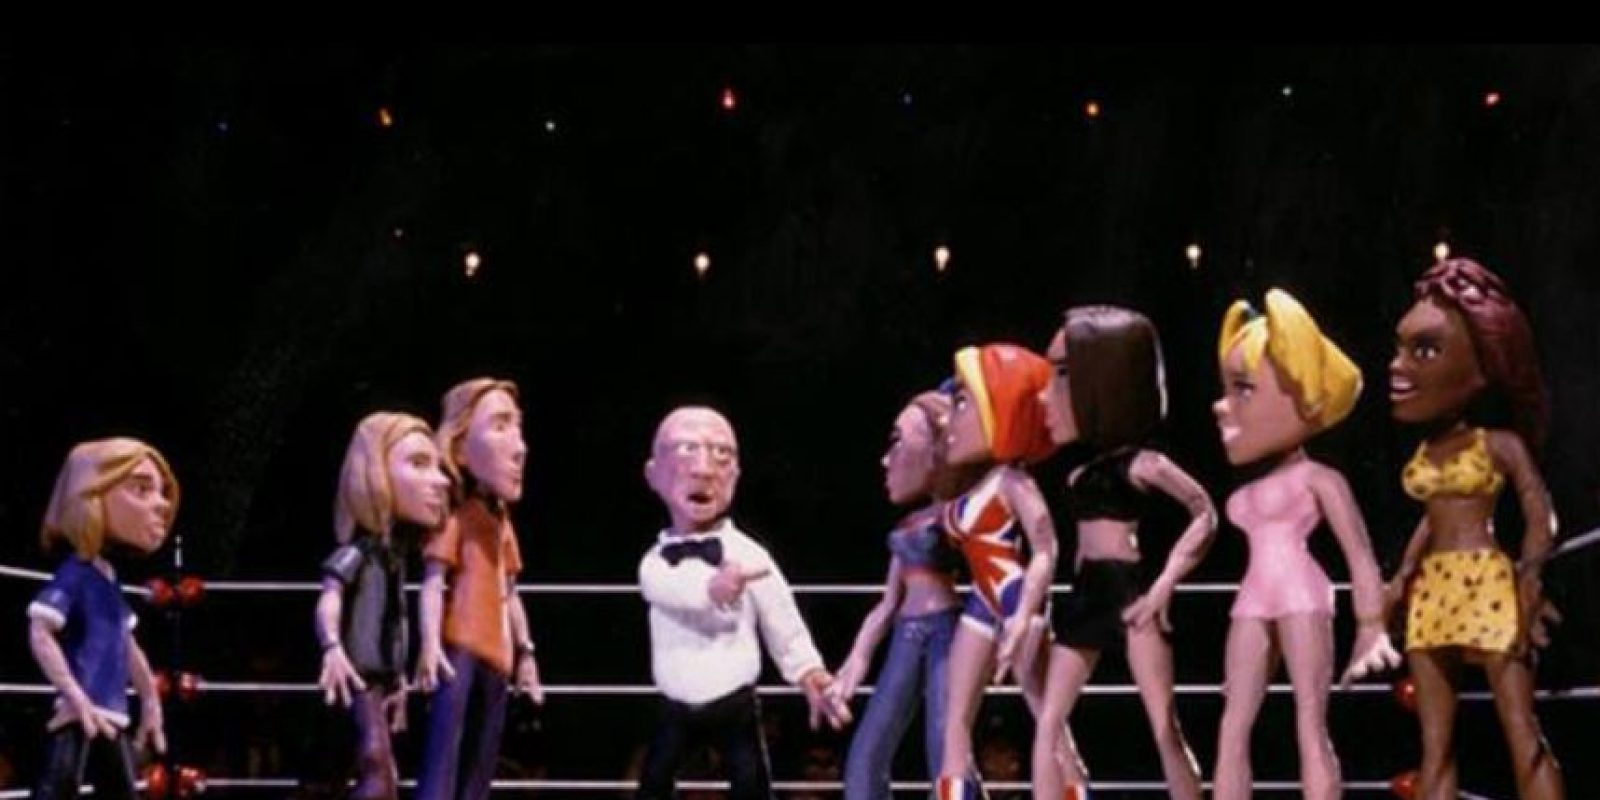 ¿Cómo olvidar lo que les pasó a las Spice Girls y los Hanson por culpa de Marilyn Manson? Foto:MTV